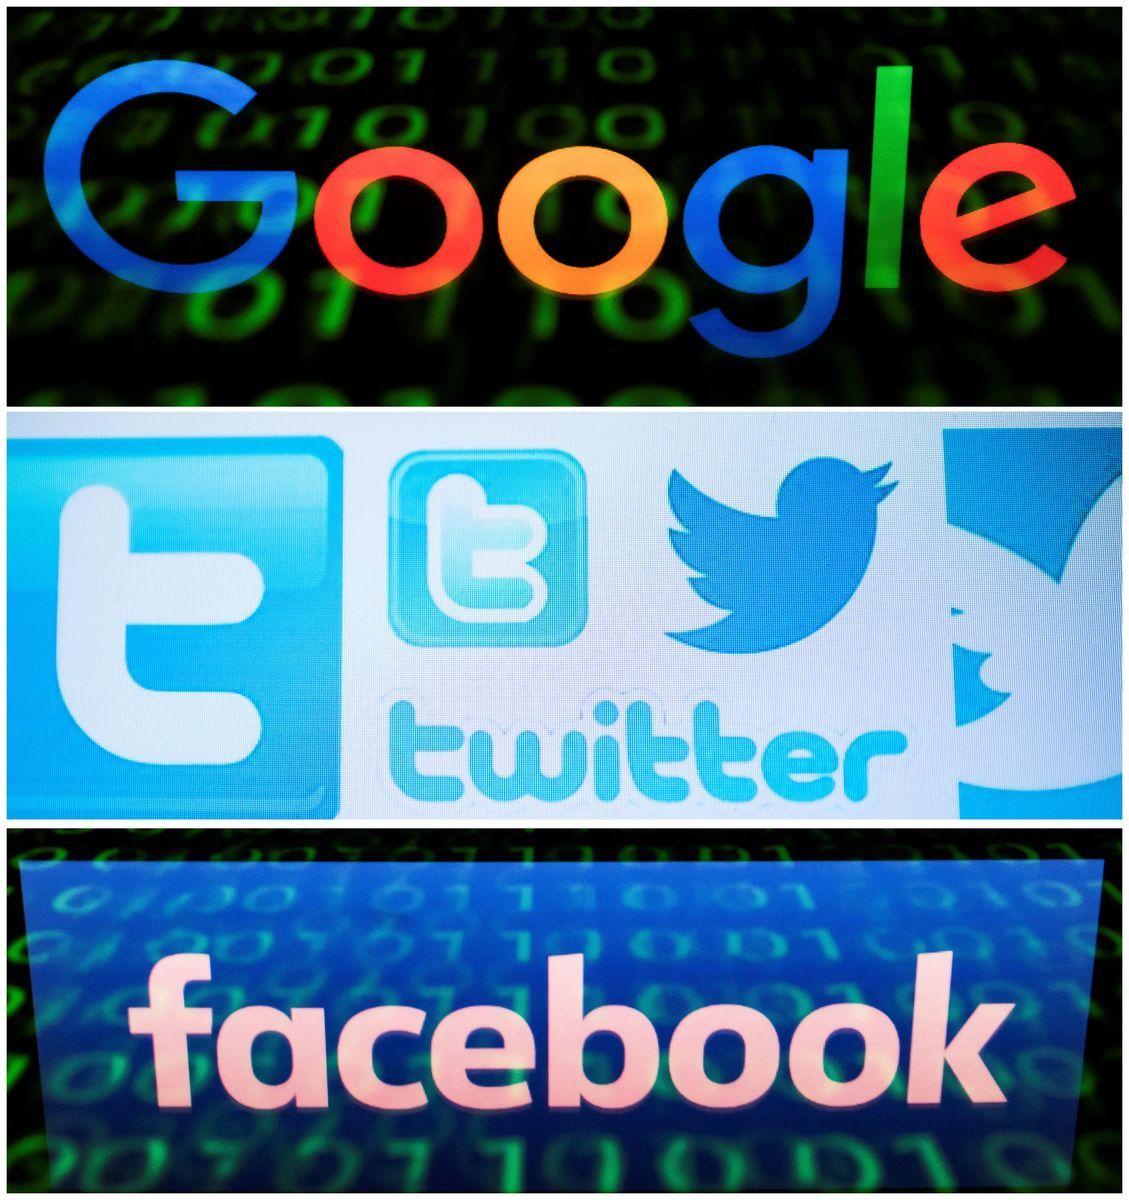 1月10日晚,澳洲聯邦議員克里斯滕森(George Christensen)在面書(Facebook)發起「停止大科技公司審查監管」(Stop Big Tech Censorship)的請願活動,呼籲人們共同結束大科技公司對用戶的專制審查。(LIONEL BONAVENTURE, NICOLAS ASFOURI/AFP/Getty Images)